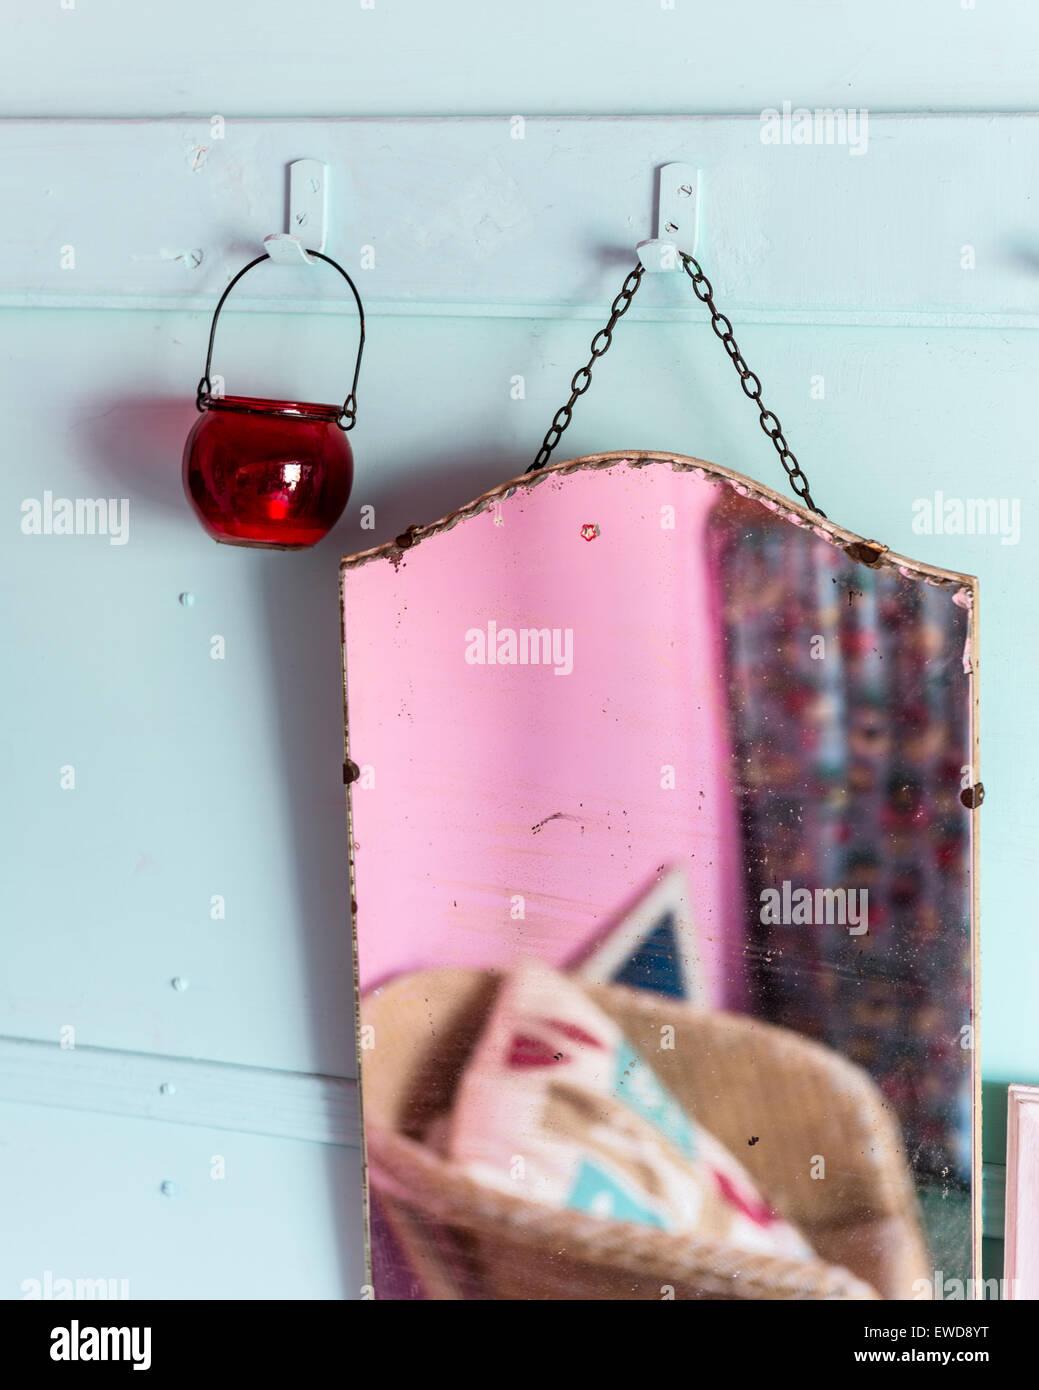 Specchio vintage e portacandele appeso dal gancio appendiabiti cremagliera sul cielo blu parete colorata Immagini Stock